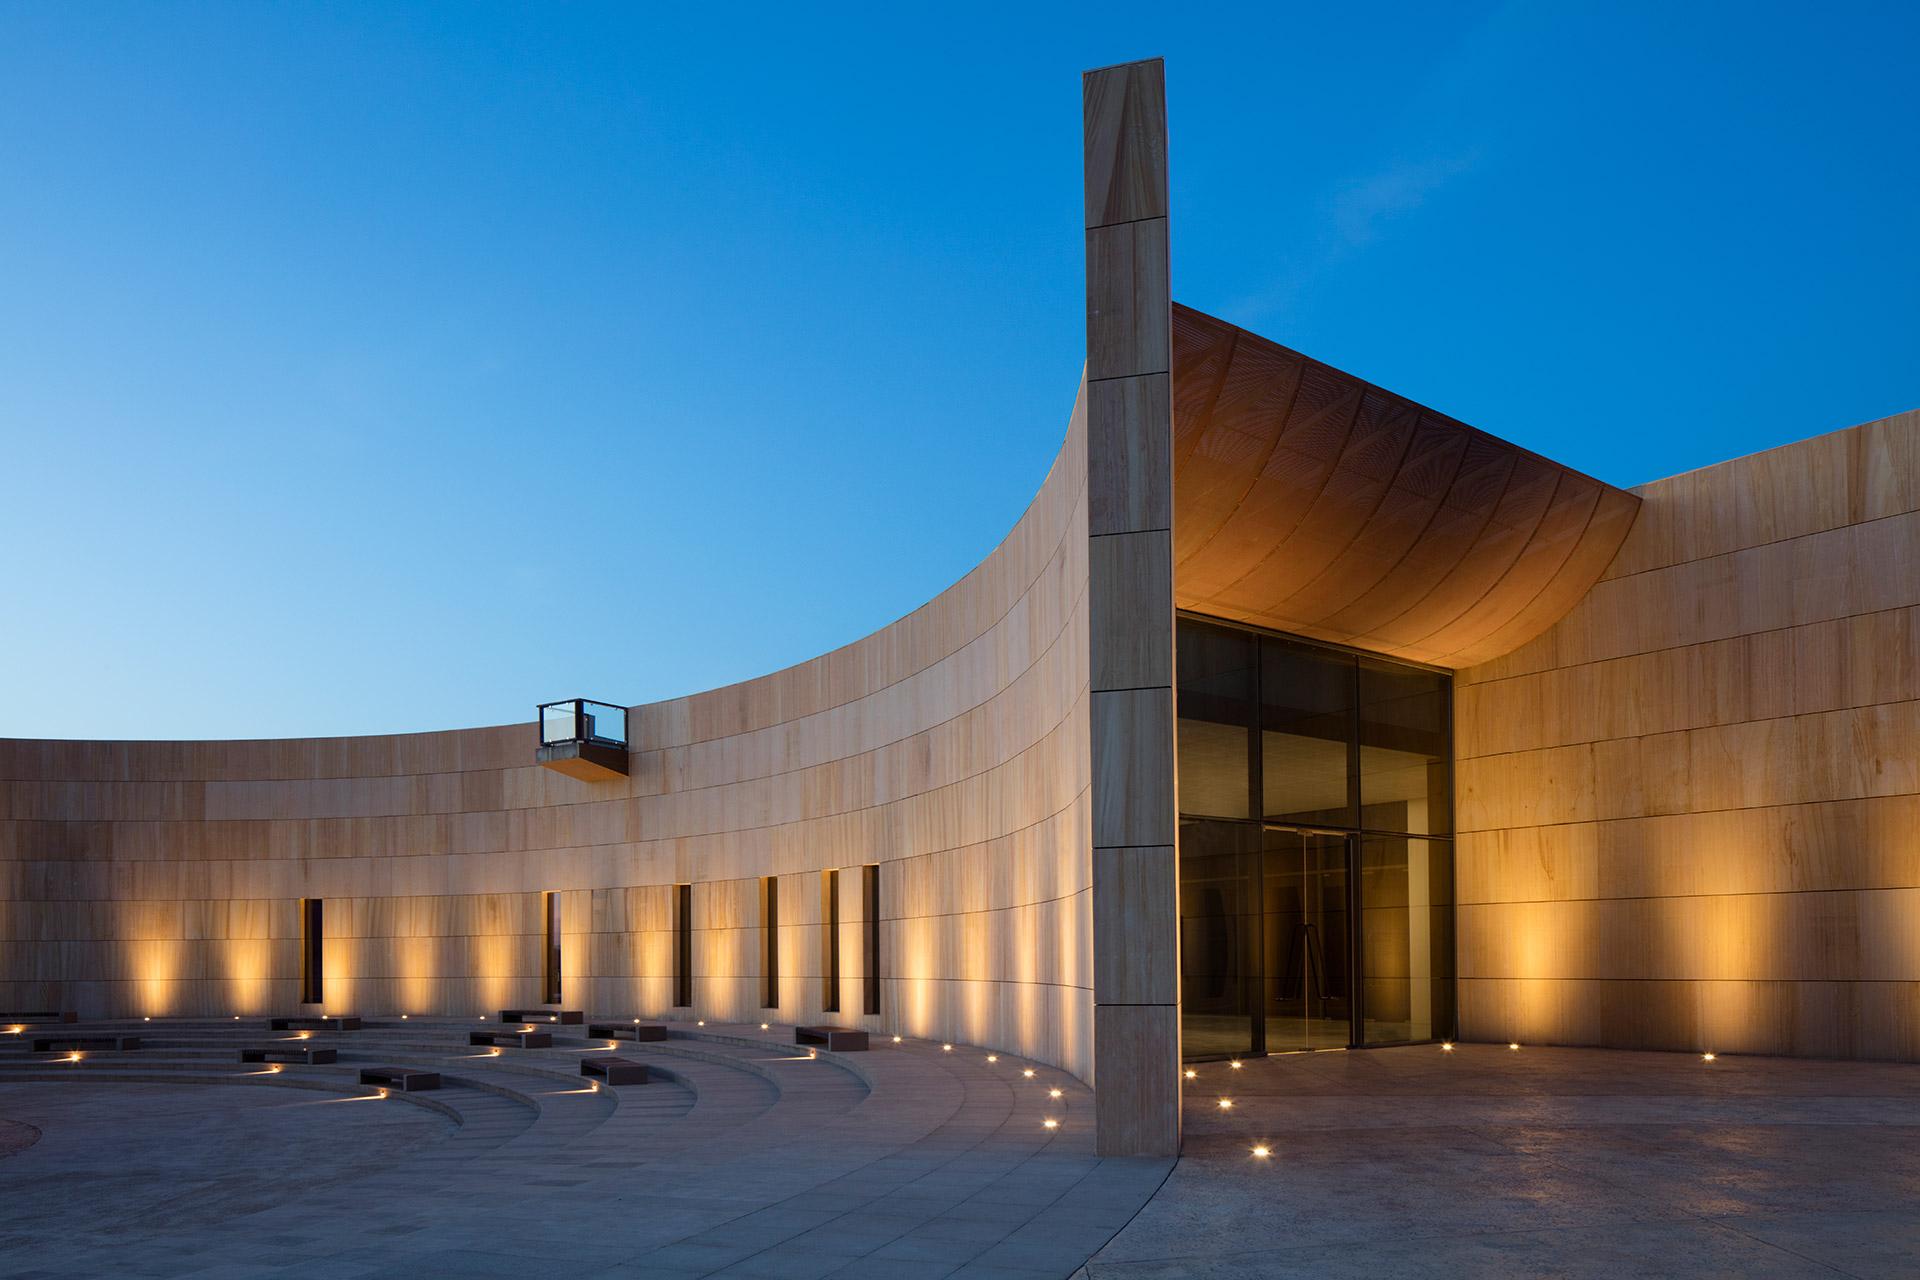 Mleiha Archaeological Park, Sharjah, UAE